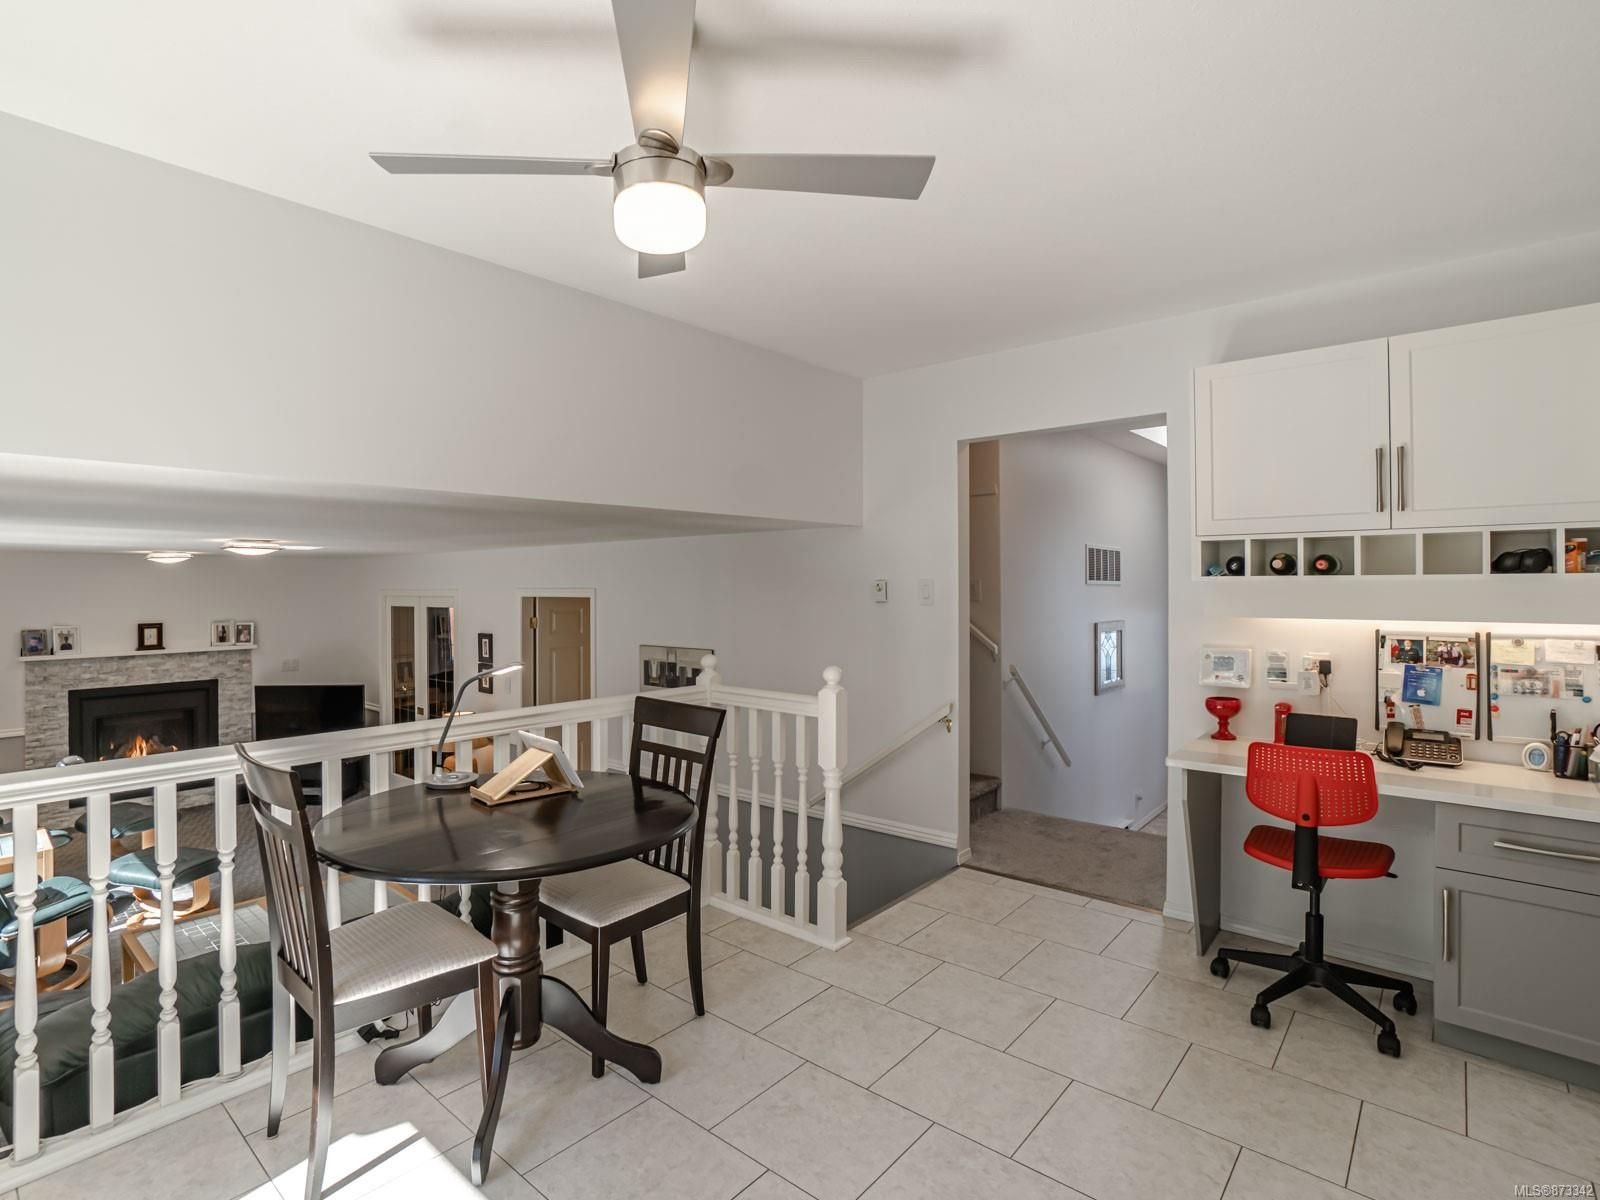 Photo 14: Photos: 5294 Catalina Dr in : Na North Nanaimo House for sale (Nanaimo)  : MLS®# 873342